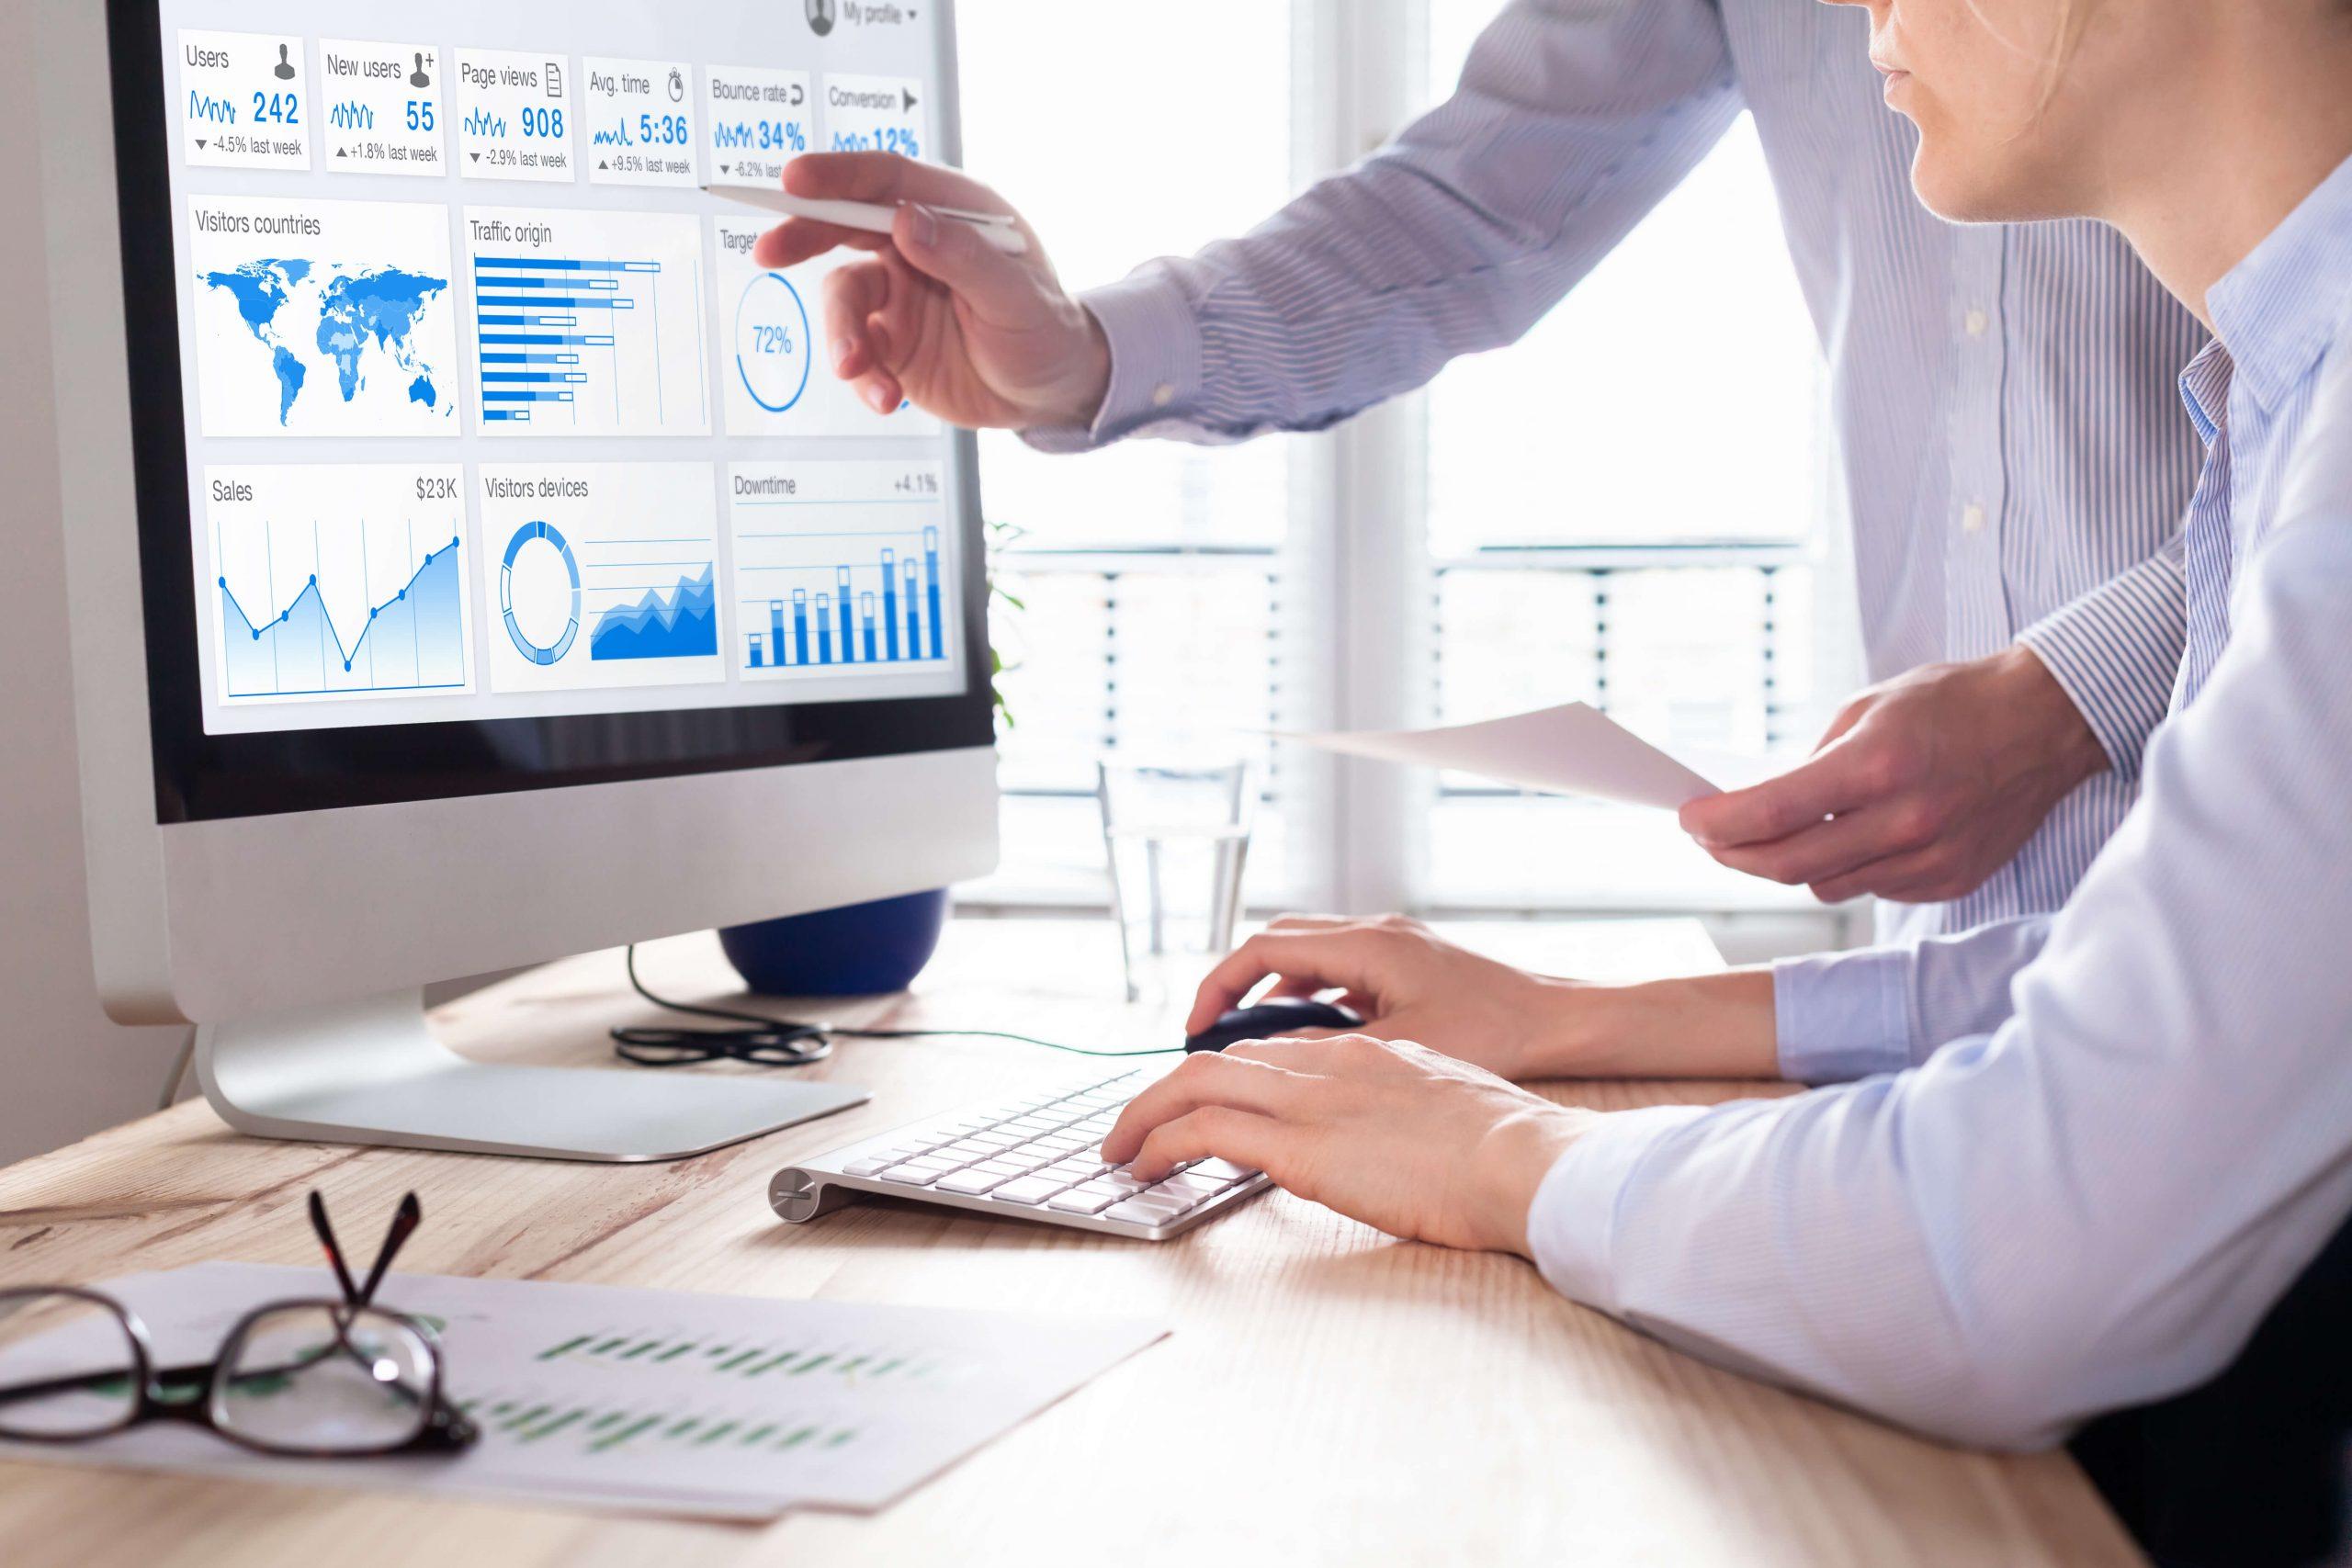 Metrics, metrics and more metrics